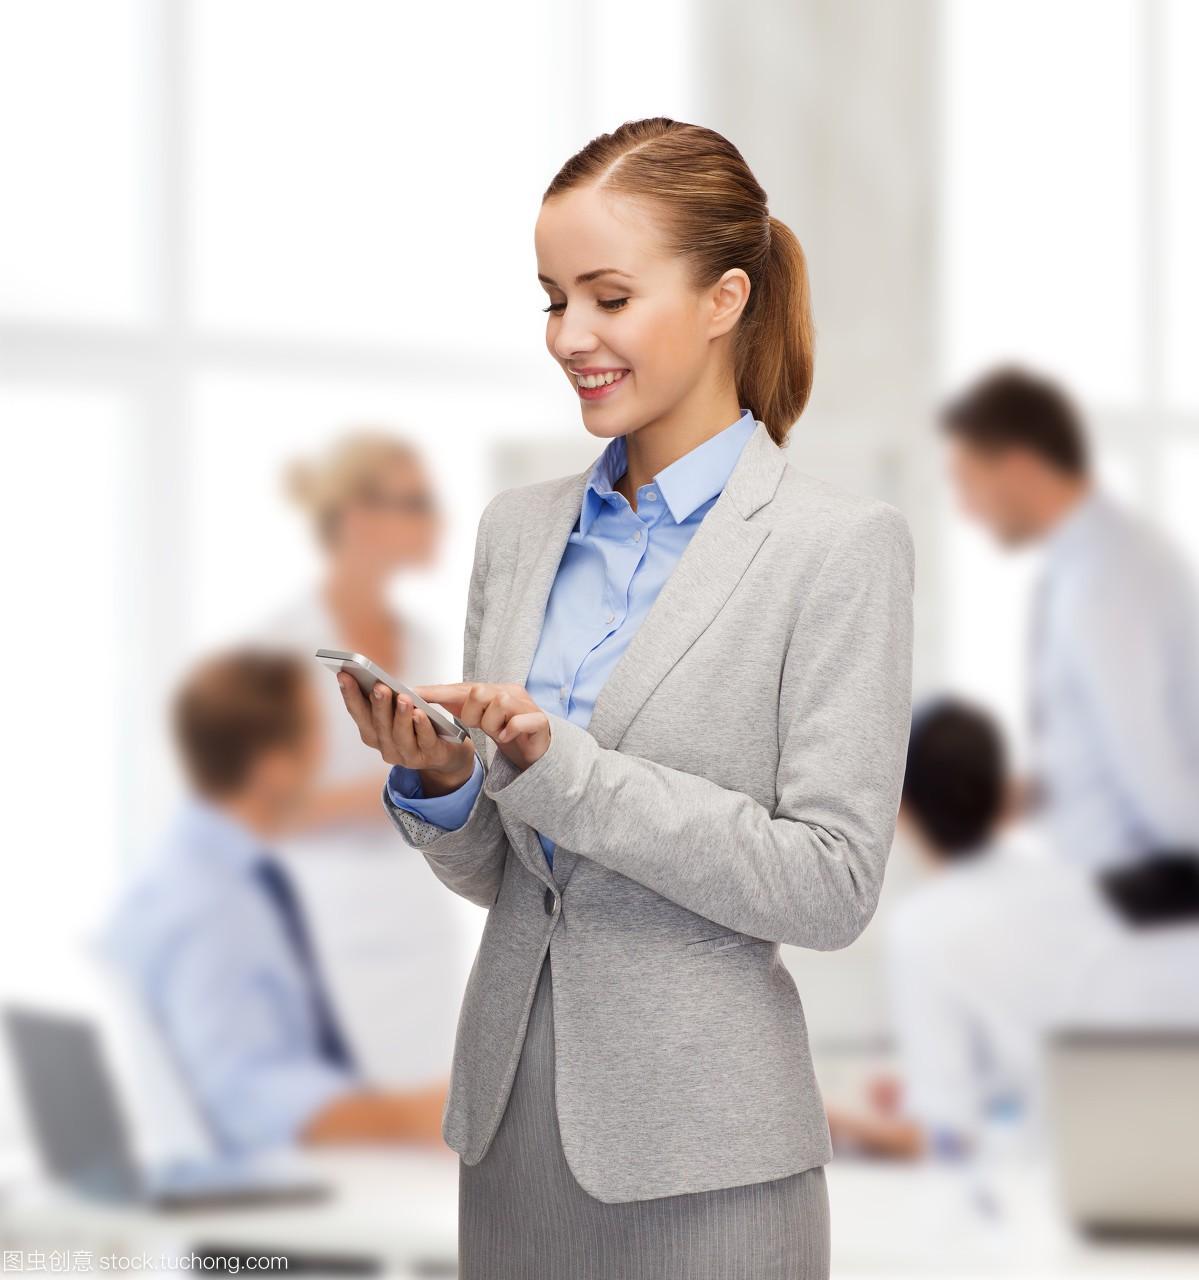 商务,商业,生意业务,生意,业务,在线,新的,合作者